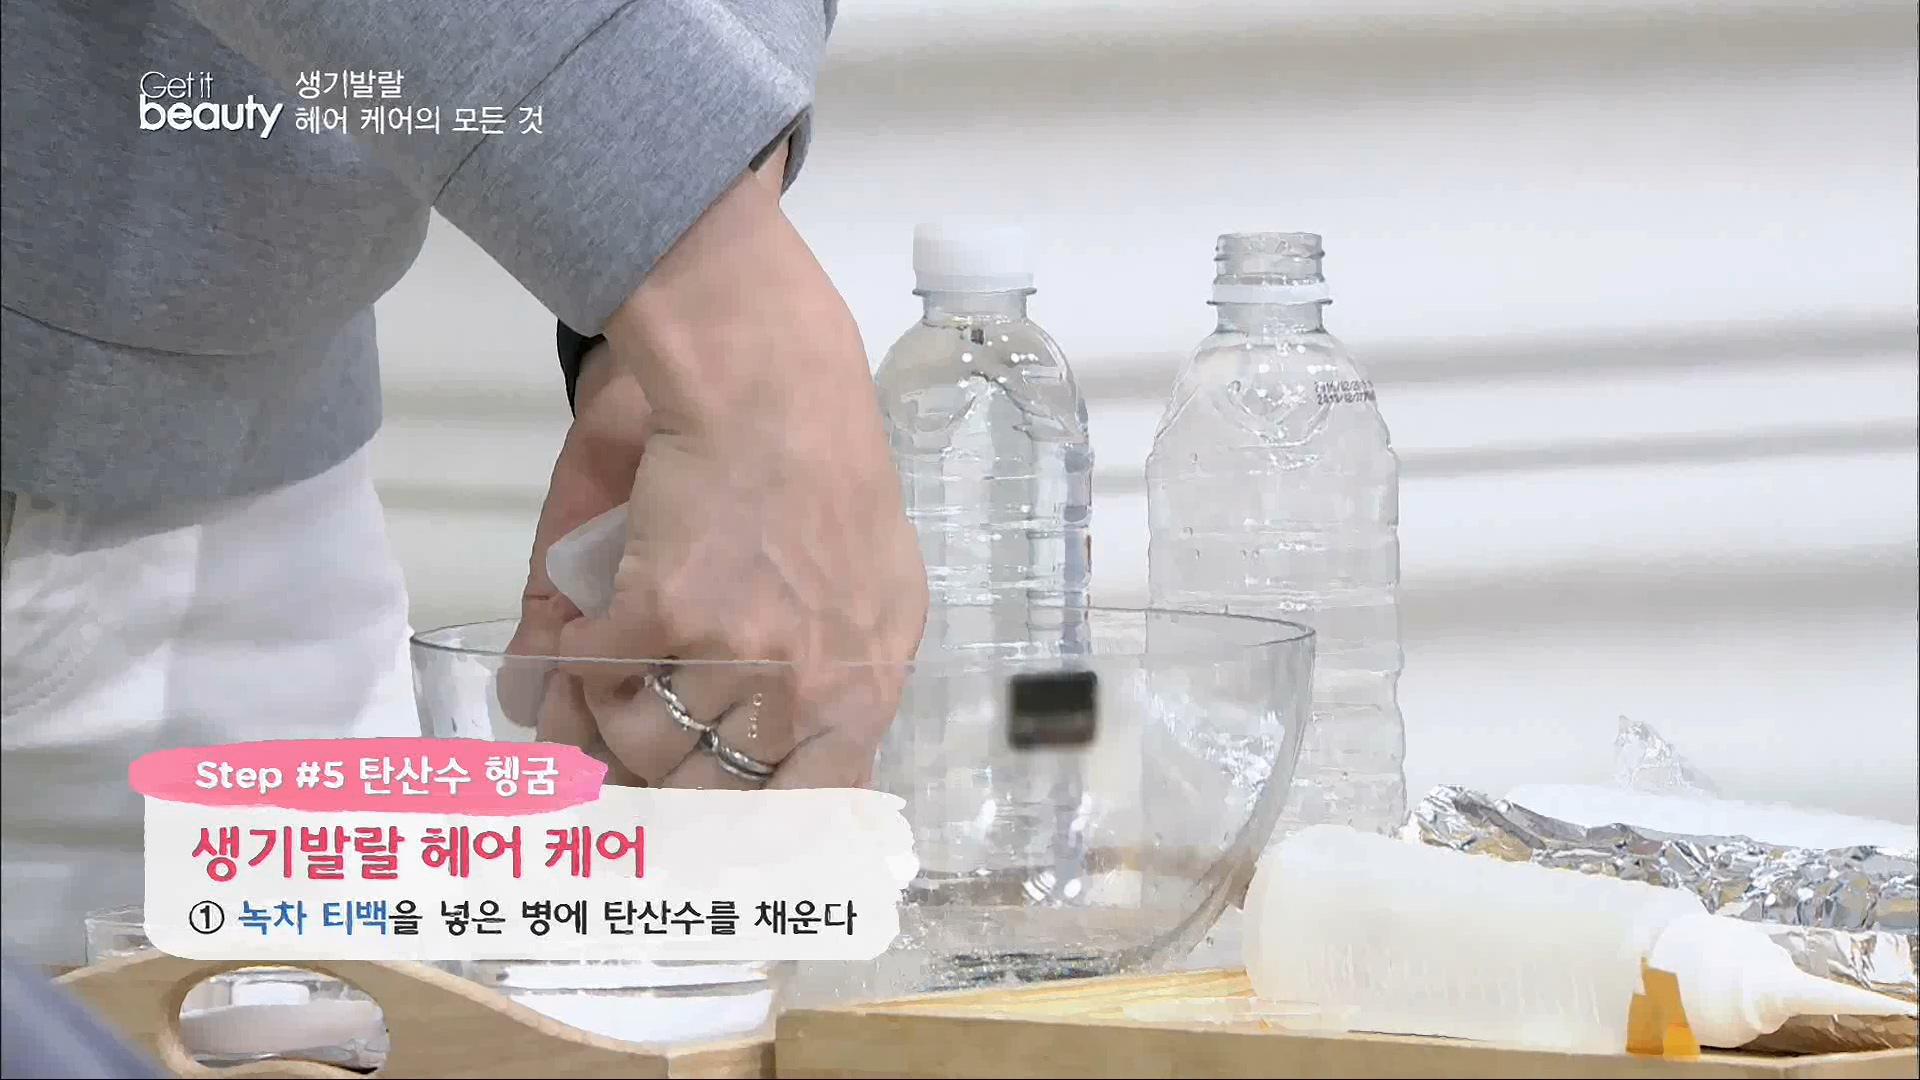 Step#5.탄산수 헹굼 1.노차 티백을 넣은 병에 탄산수를 채운다.